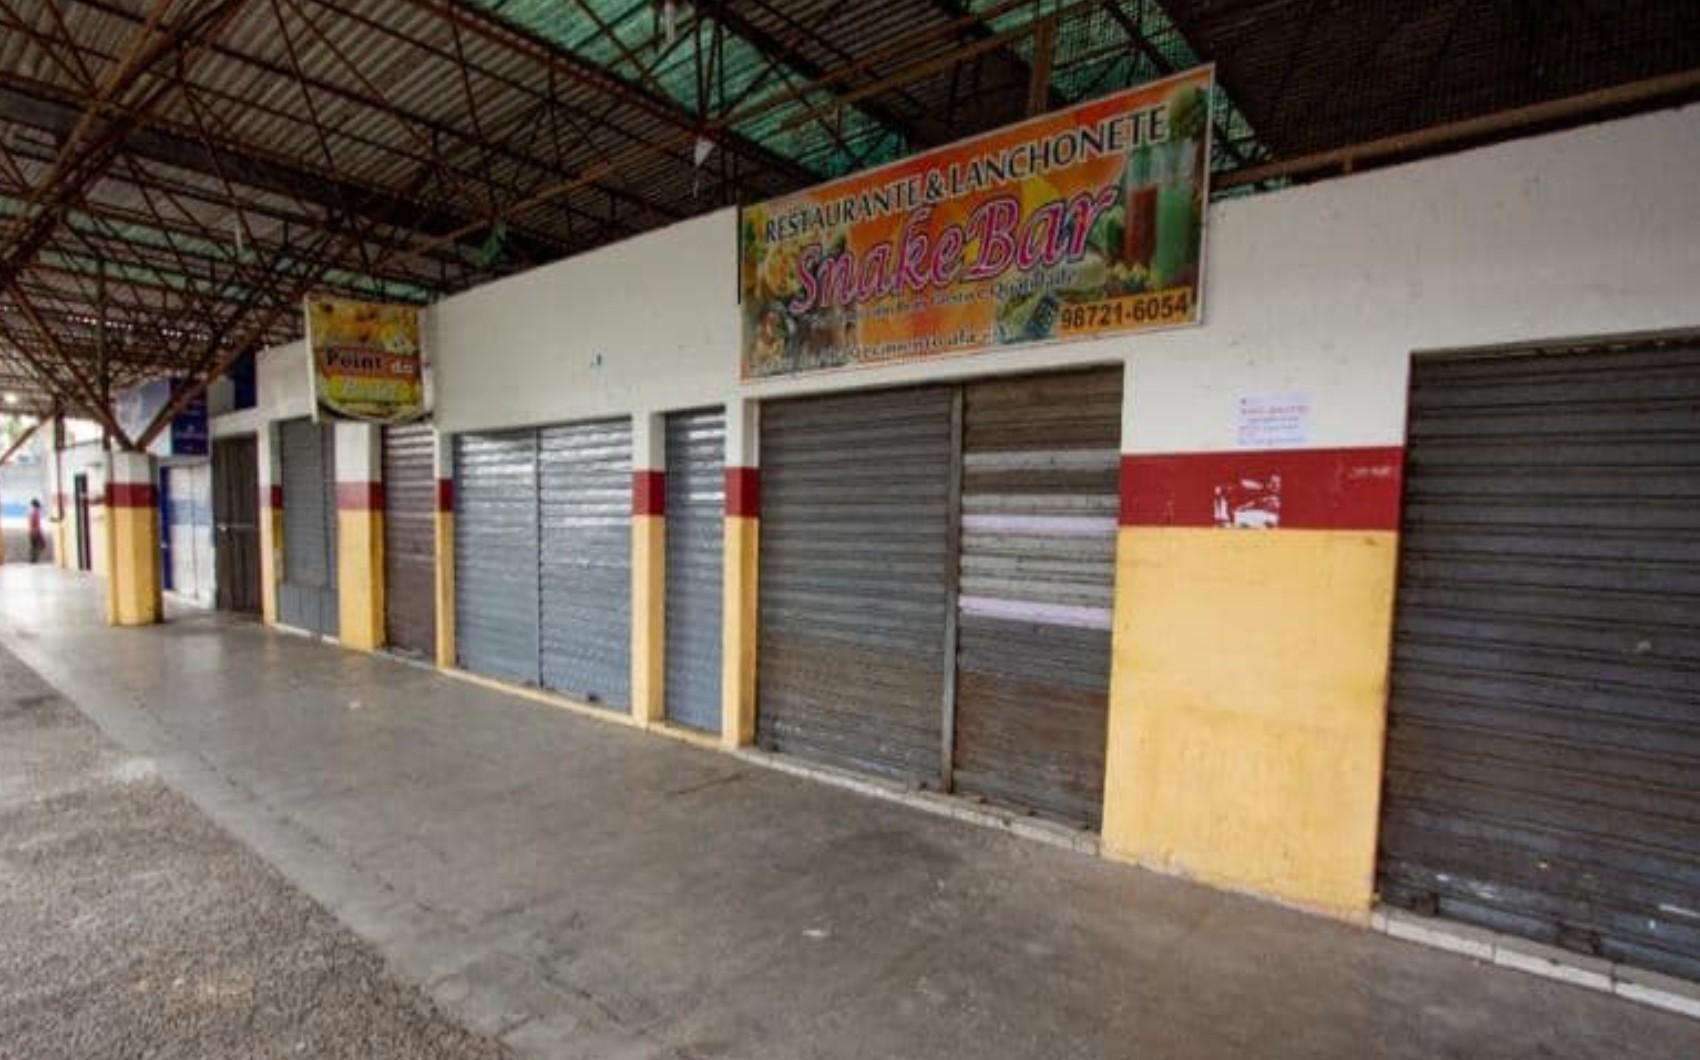 Covid-19: Prefeitura de Candeias publica novo decreto e medidas de restrição serão estendidas até quinta-feira